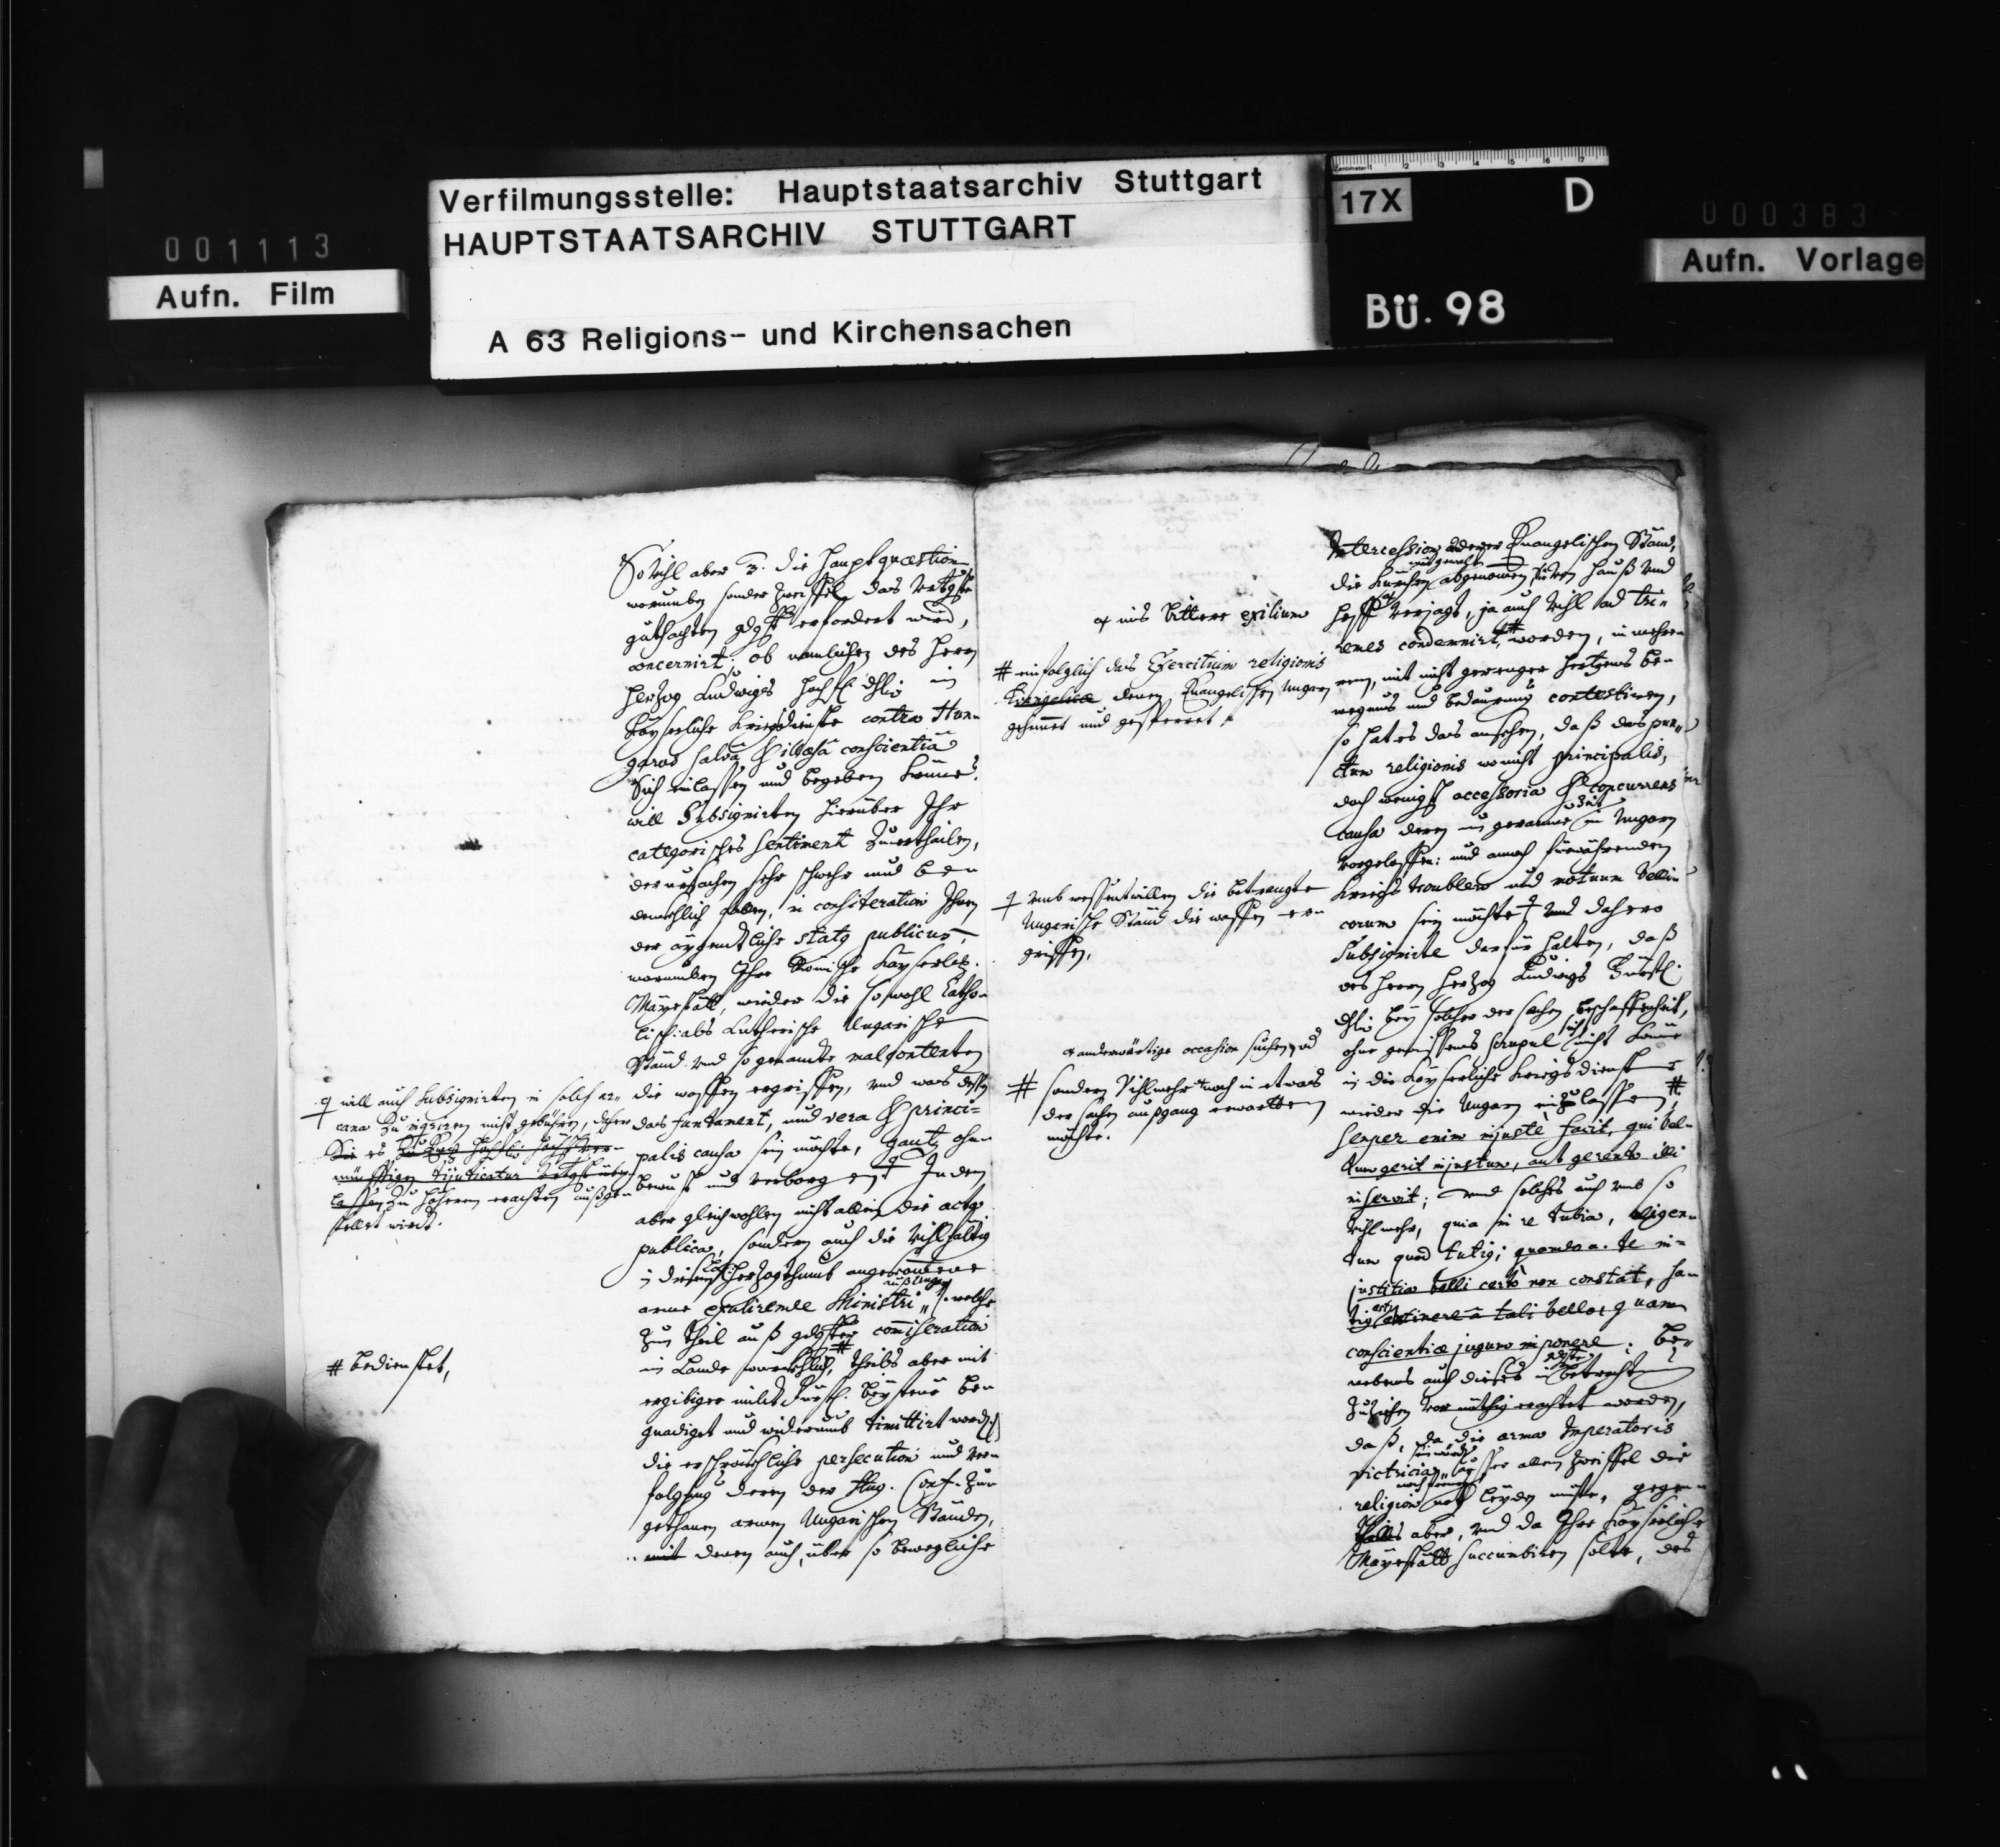 Akten, betreffend Gutachten der Konsistorialräte über die Frage, ob Prinz Ludwig kaiserliche Dienste gegen die Ungarn annehmen könne., Bild 3